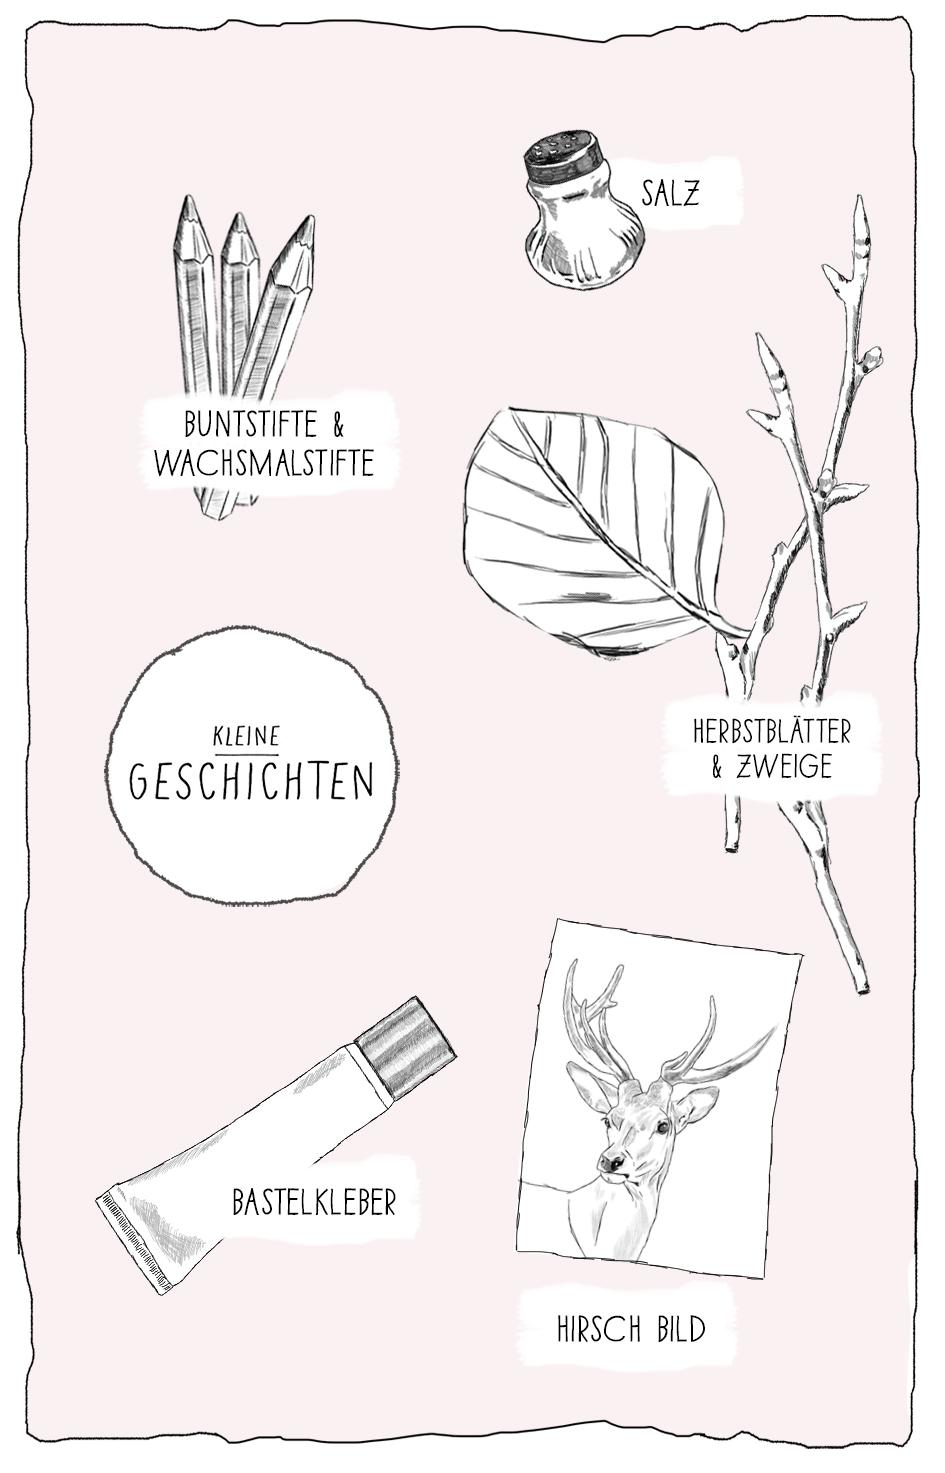 Herbst basteln mit Kindern - Basteln mit Materialien aus der Natur - das Hirschbild - Kleine Geschichten